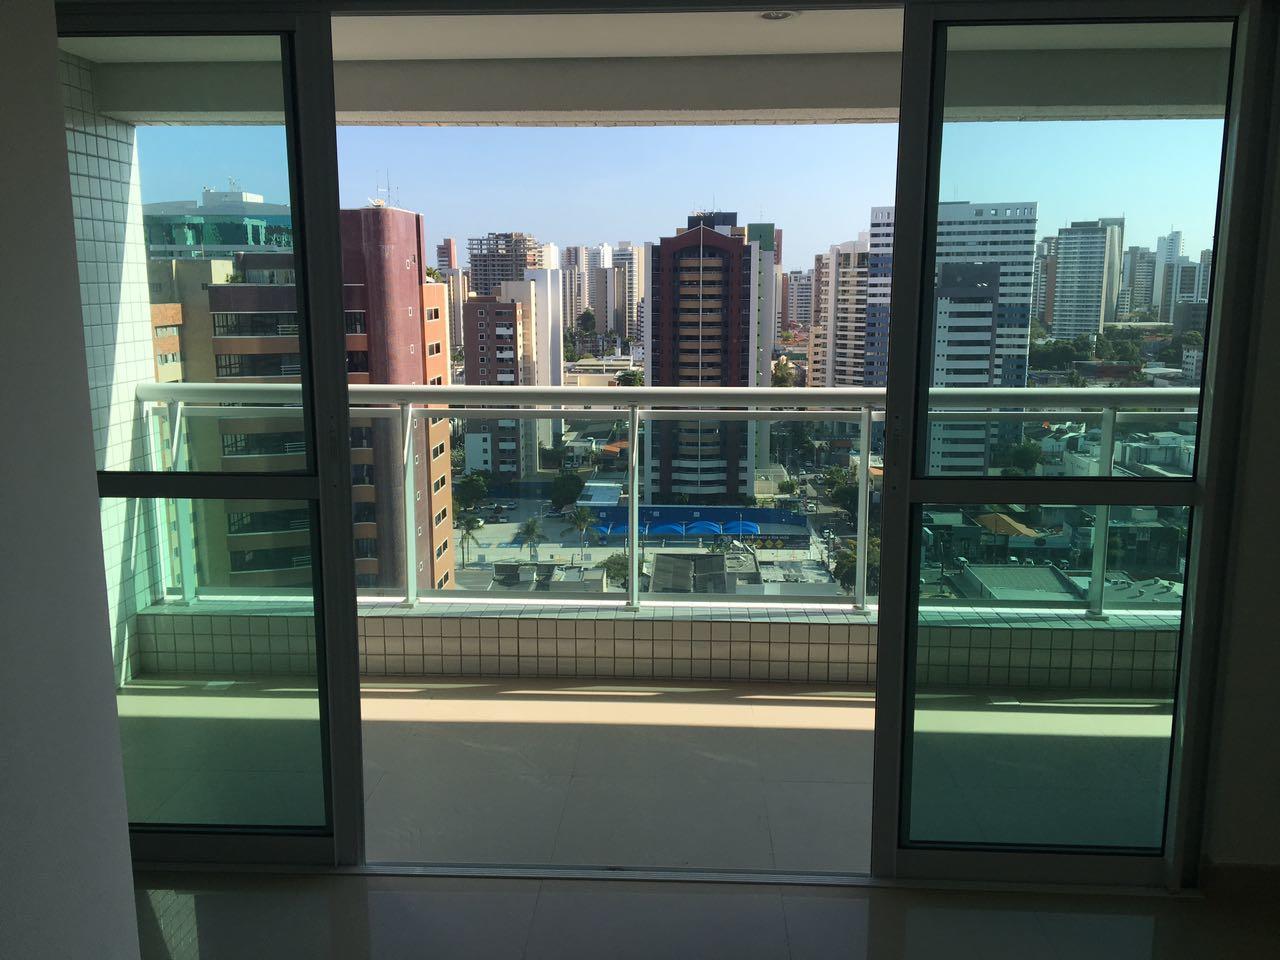 Preço médio dos imóveis residenciais recua 0,15% em setembro, aponta Fipe